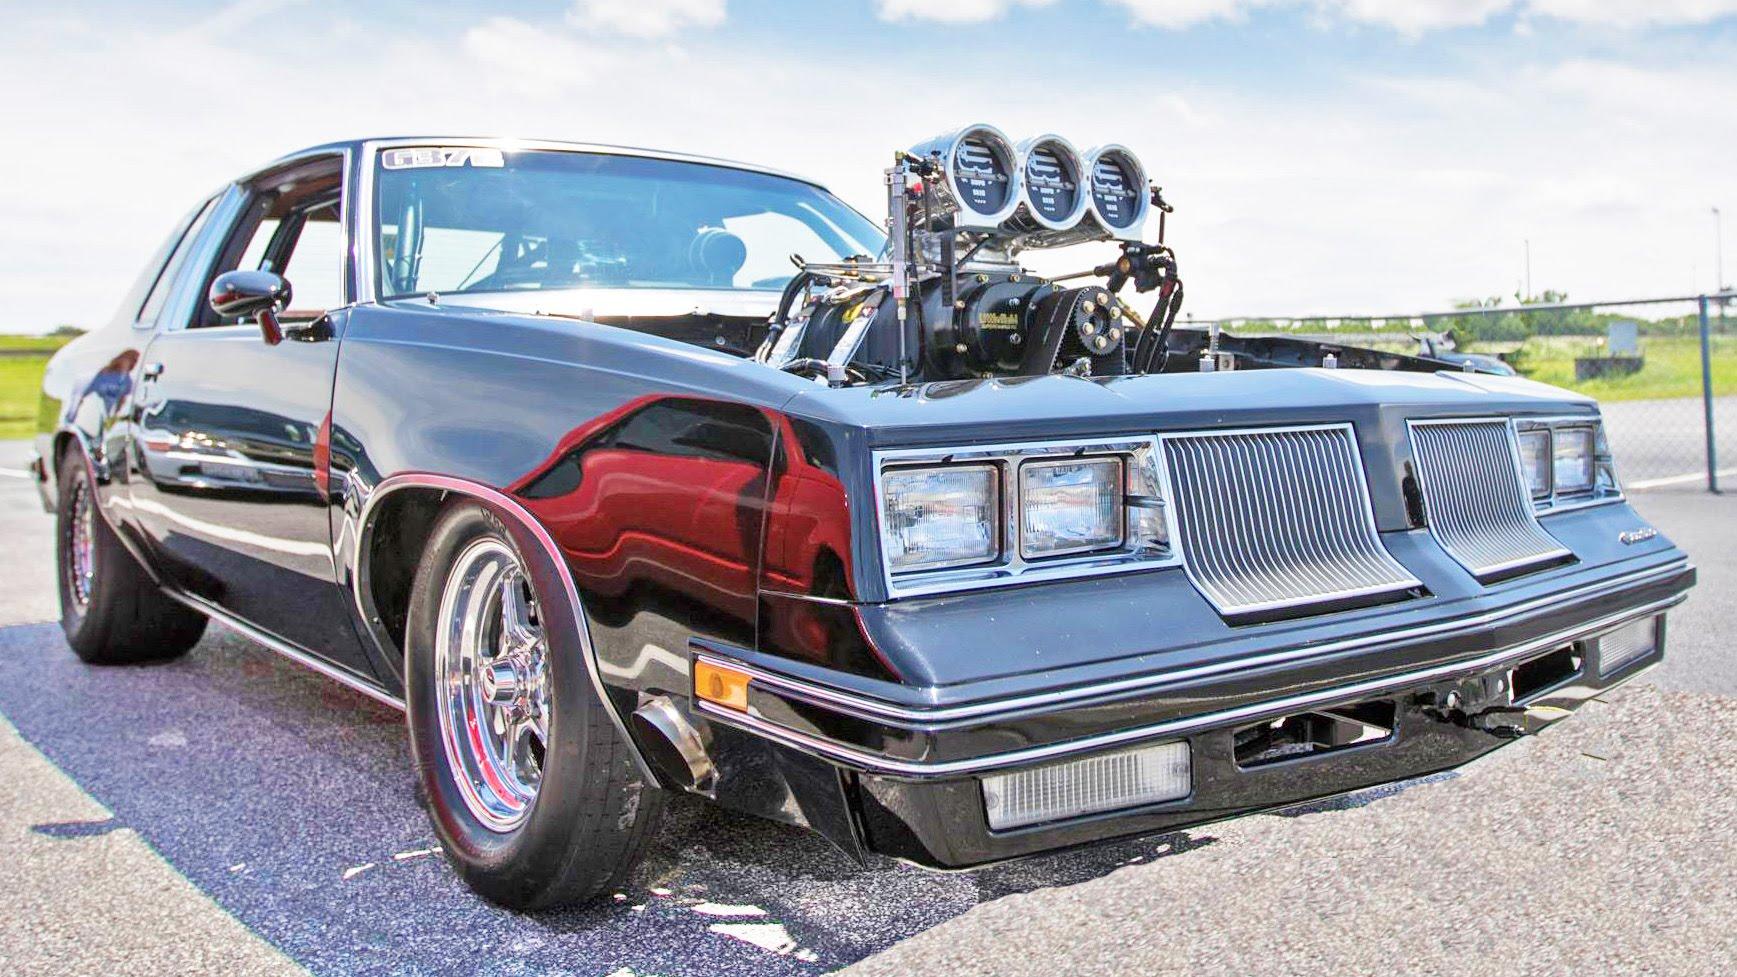 1650-hp-blown-cutlass-is-a-proper-drag-racing-monster